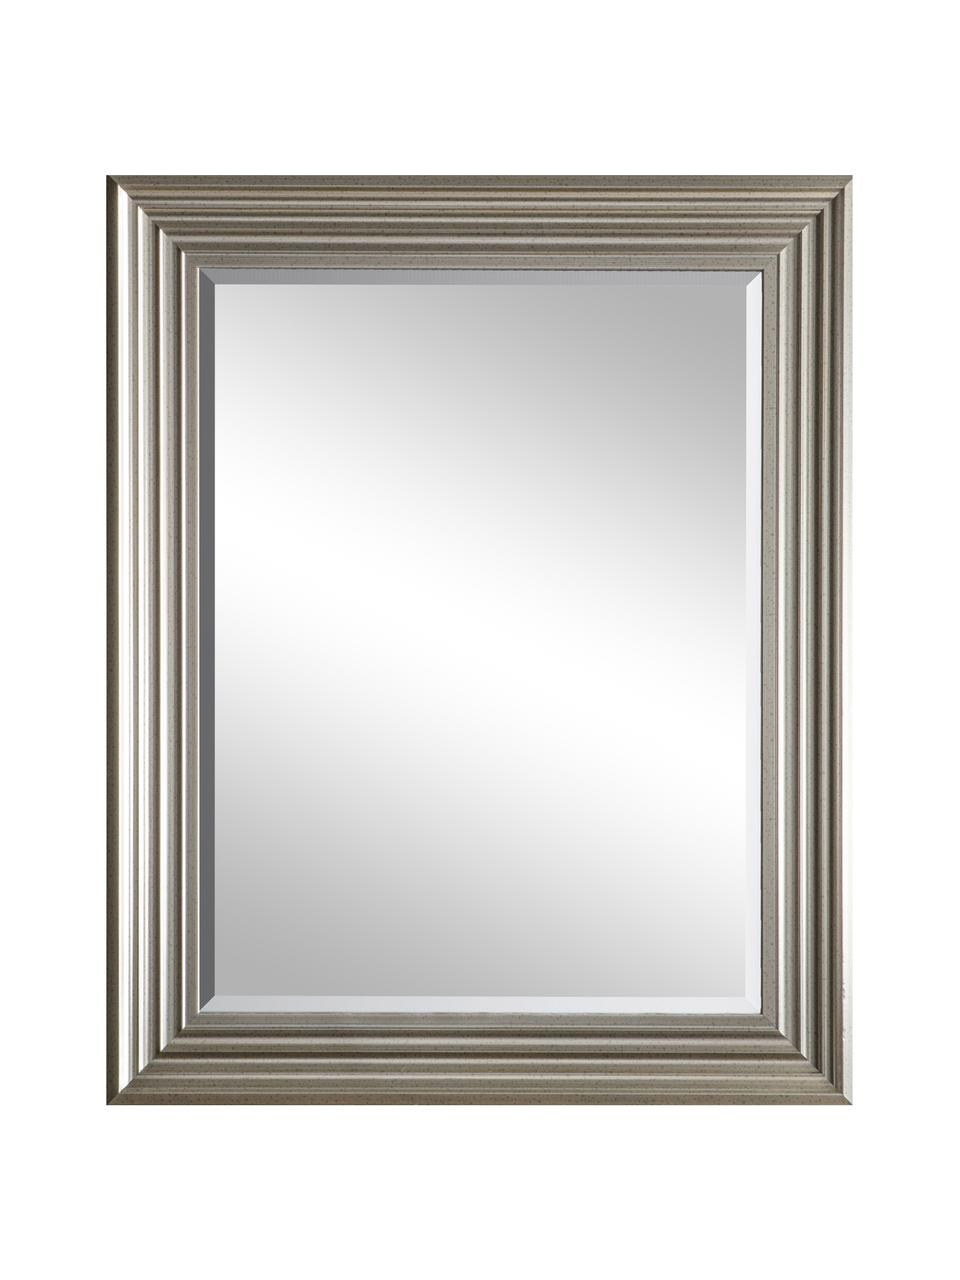 Eckiger Wandspiegel Haylen mit silbernem Kunststoffrahmen, Rahmen: Kunststoff, Spiegelfläche: Spiegelglas, Silberfarben, 64 x 79 cm